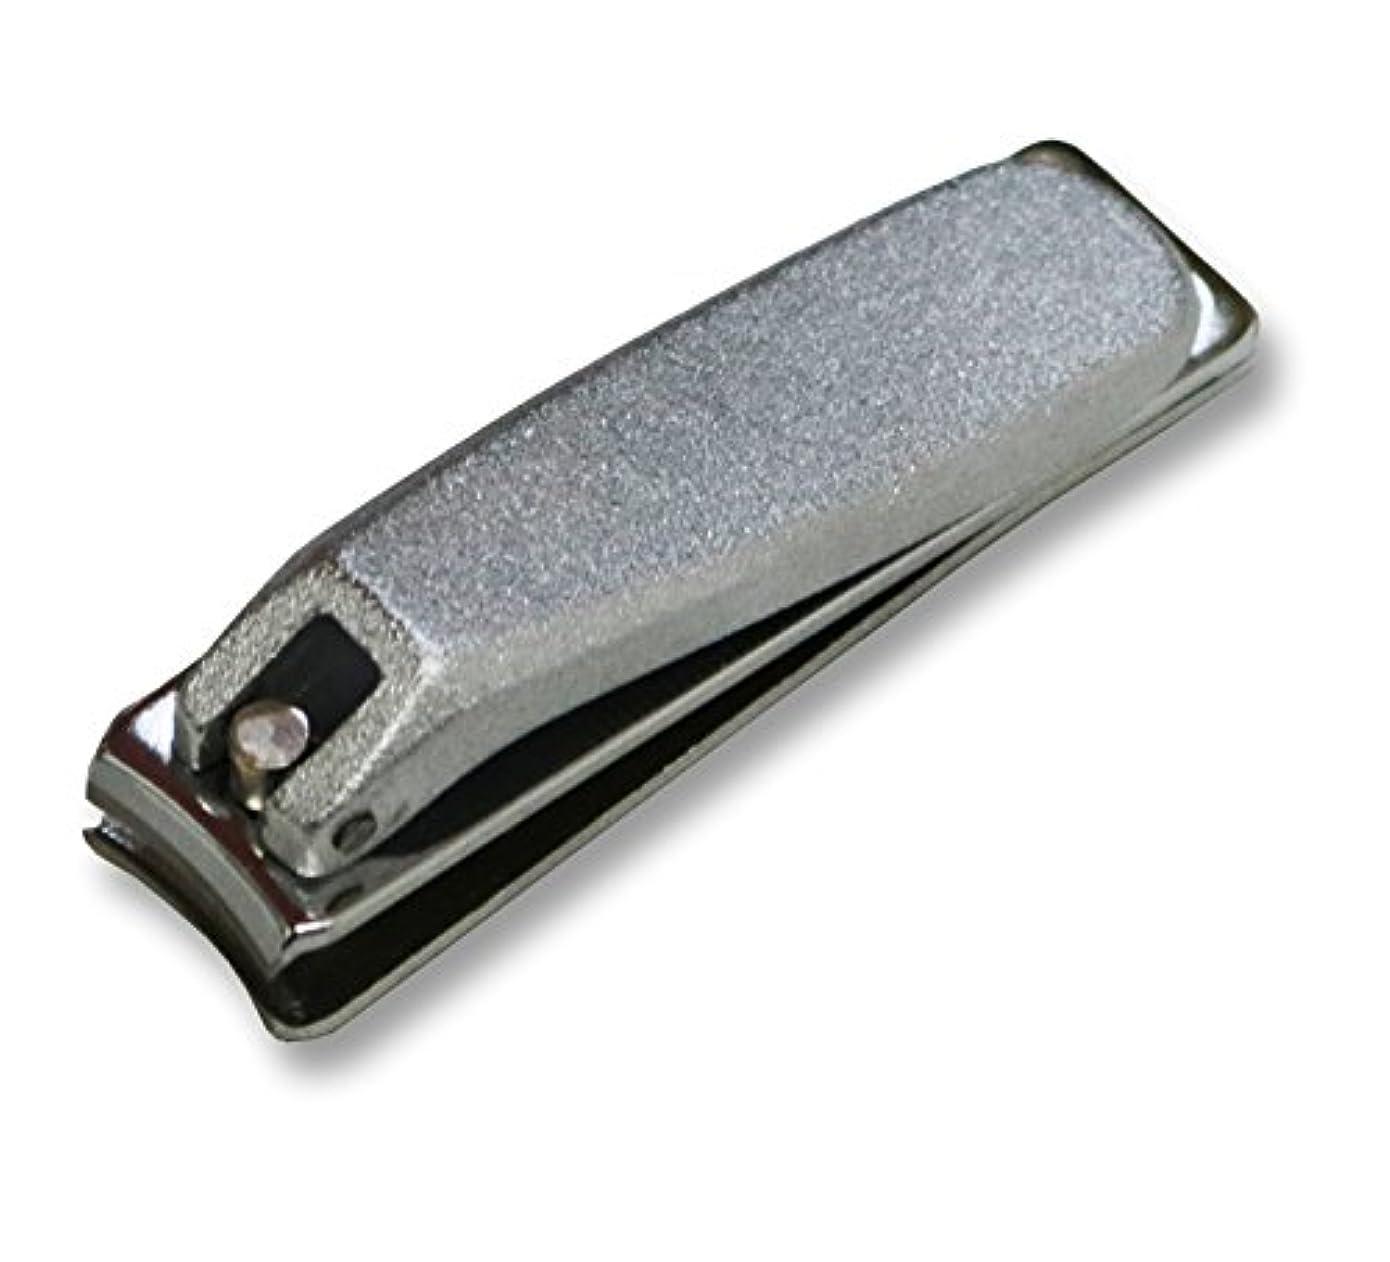 手段解説司書KD-023 関の刃物 クローム爪切 小 カバー無